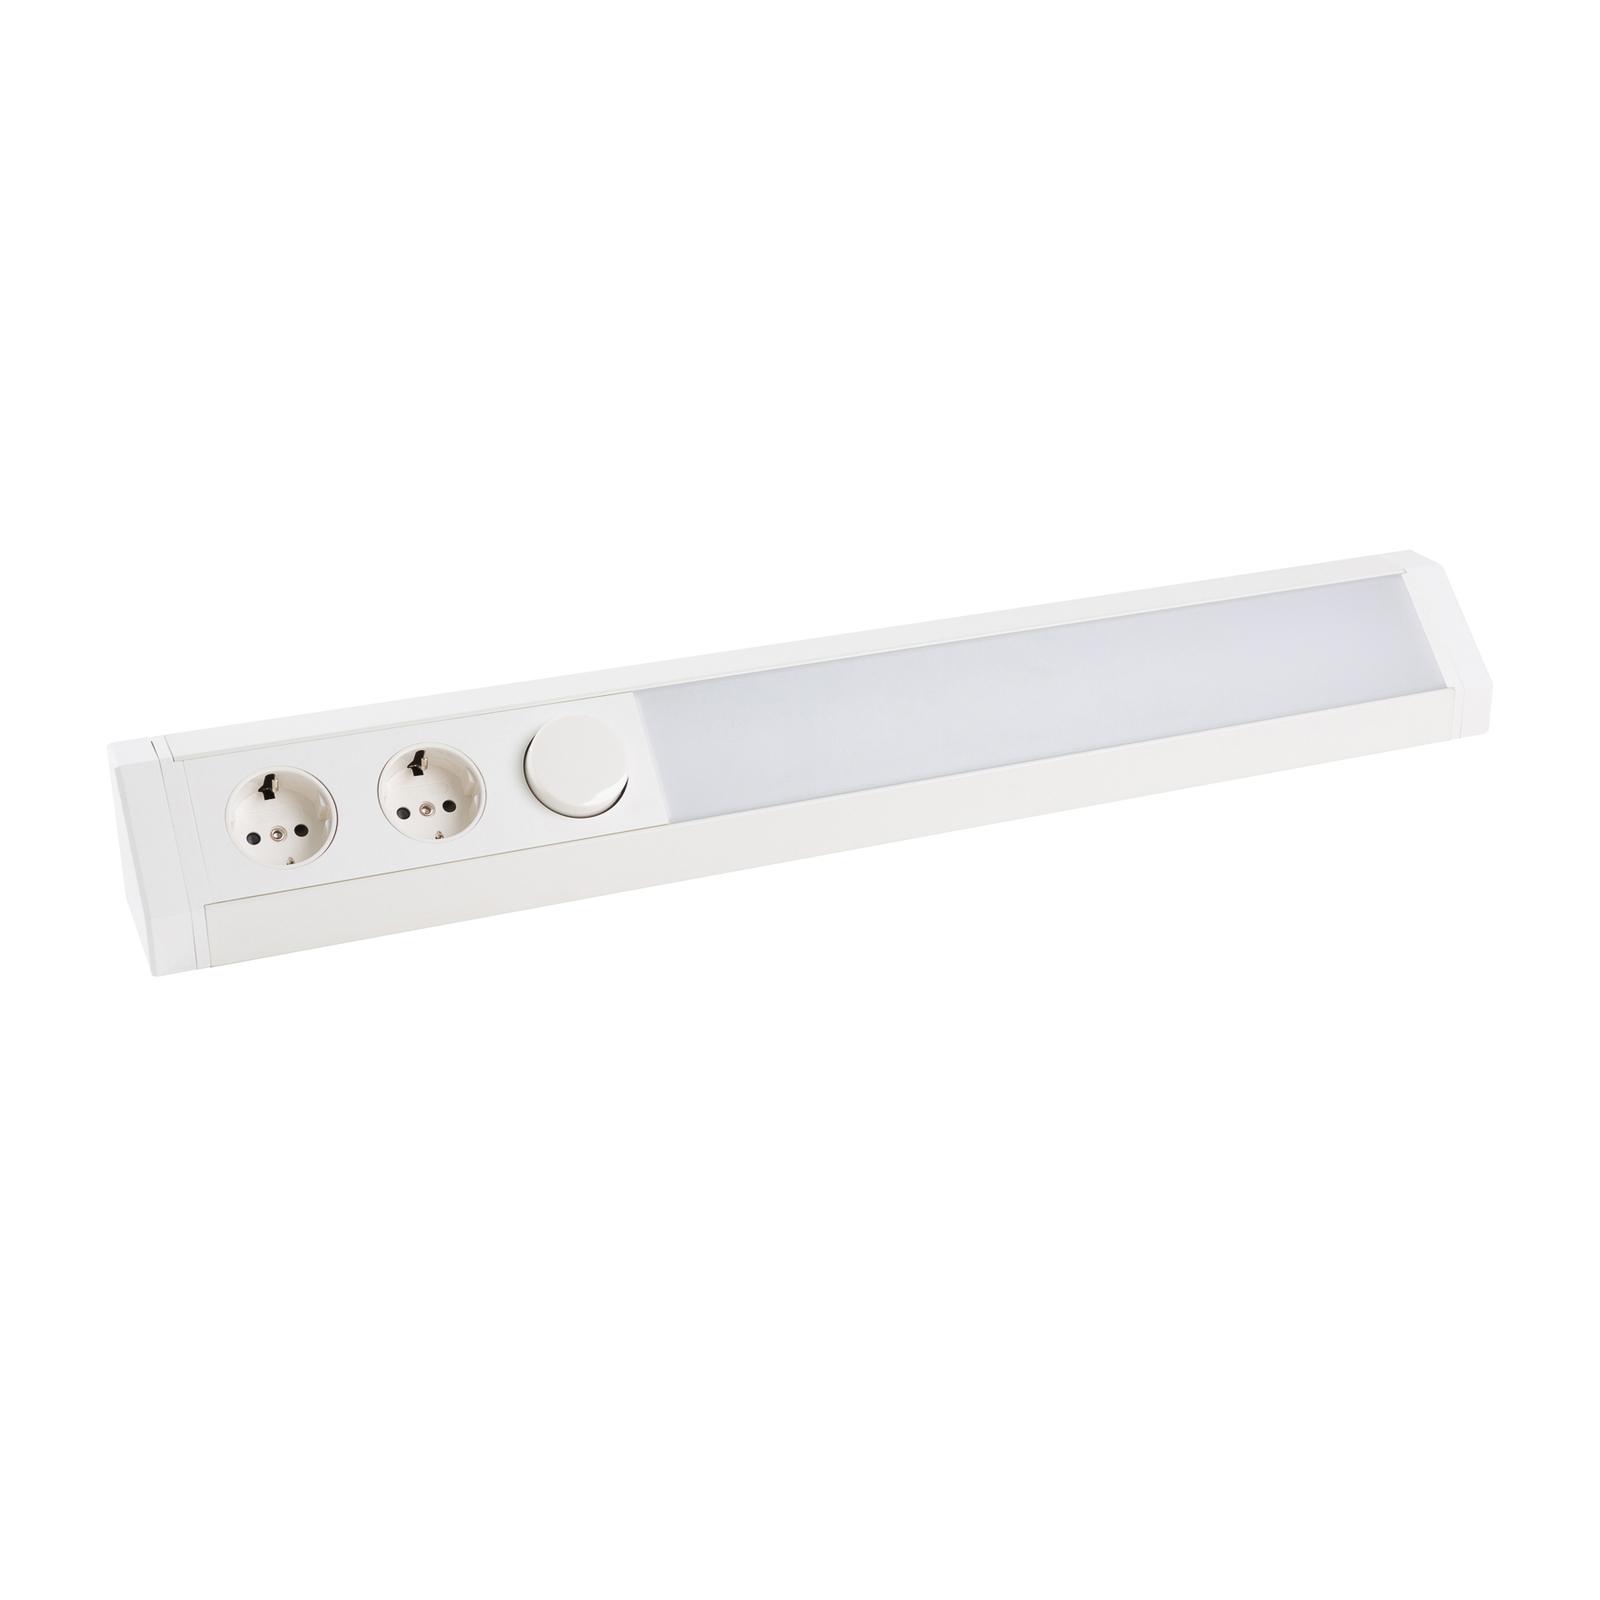 Arcchio Asira LED-benkarmatur, CCT, hvit